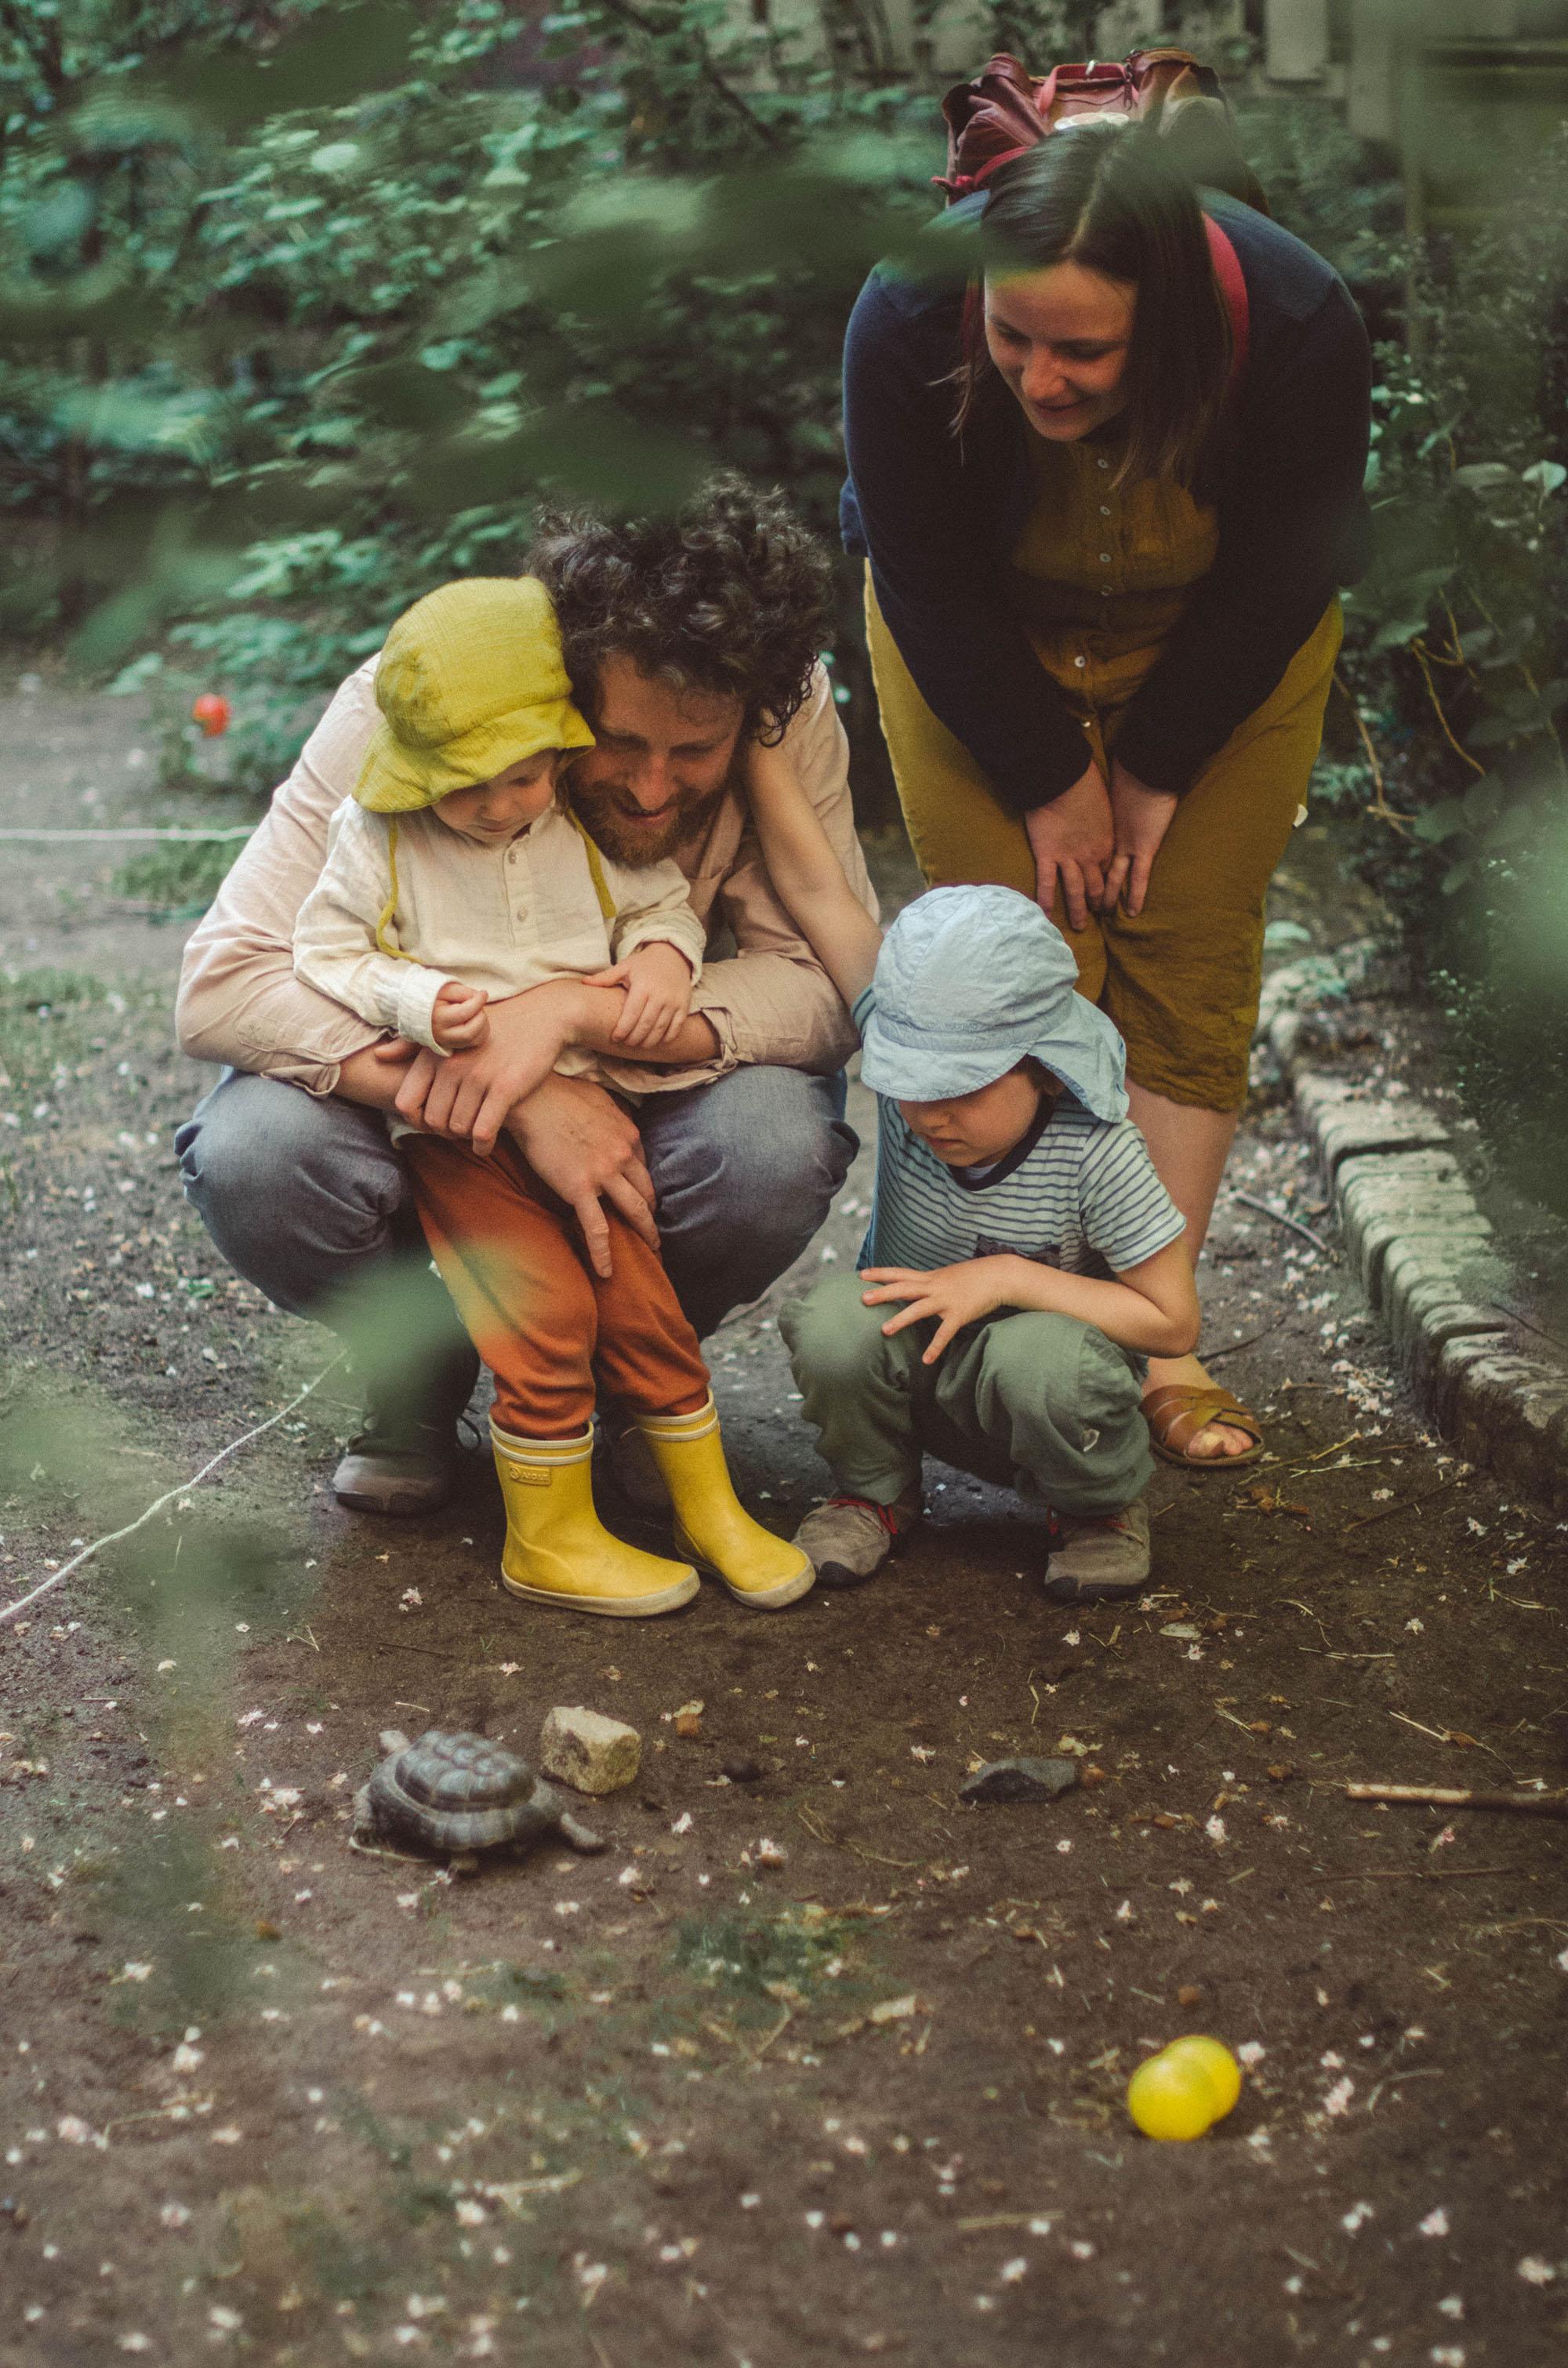 fotoshooting familie Freiburg, Familienportrait